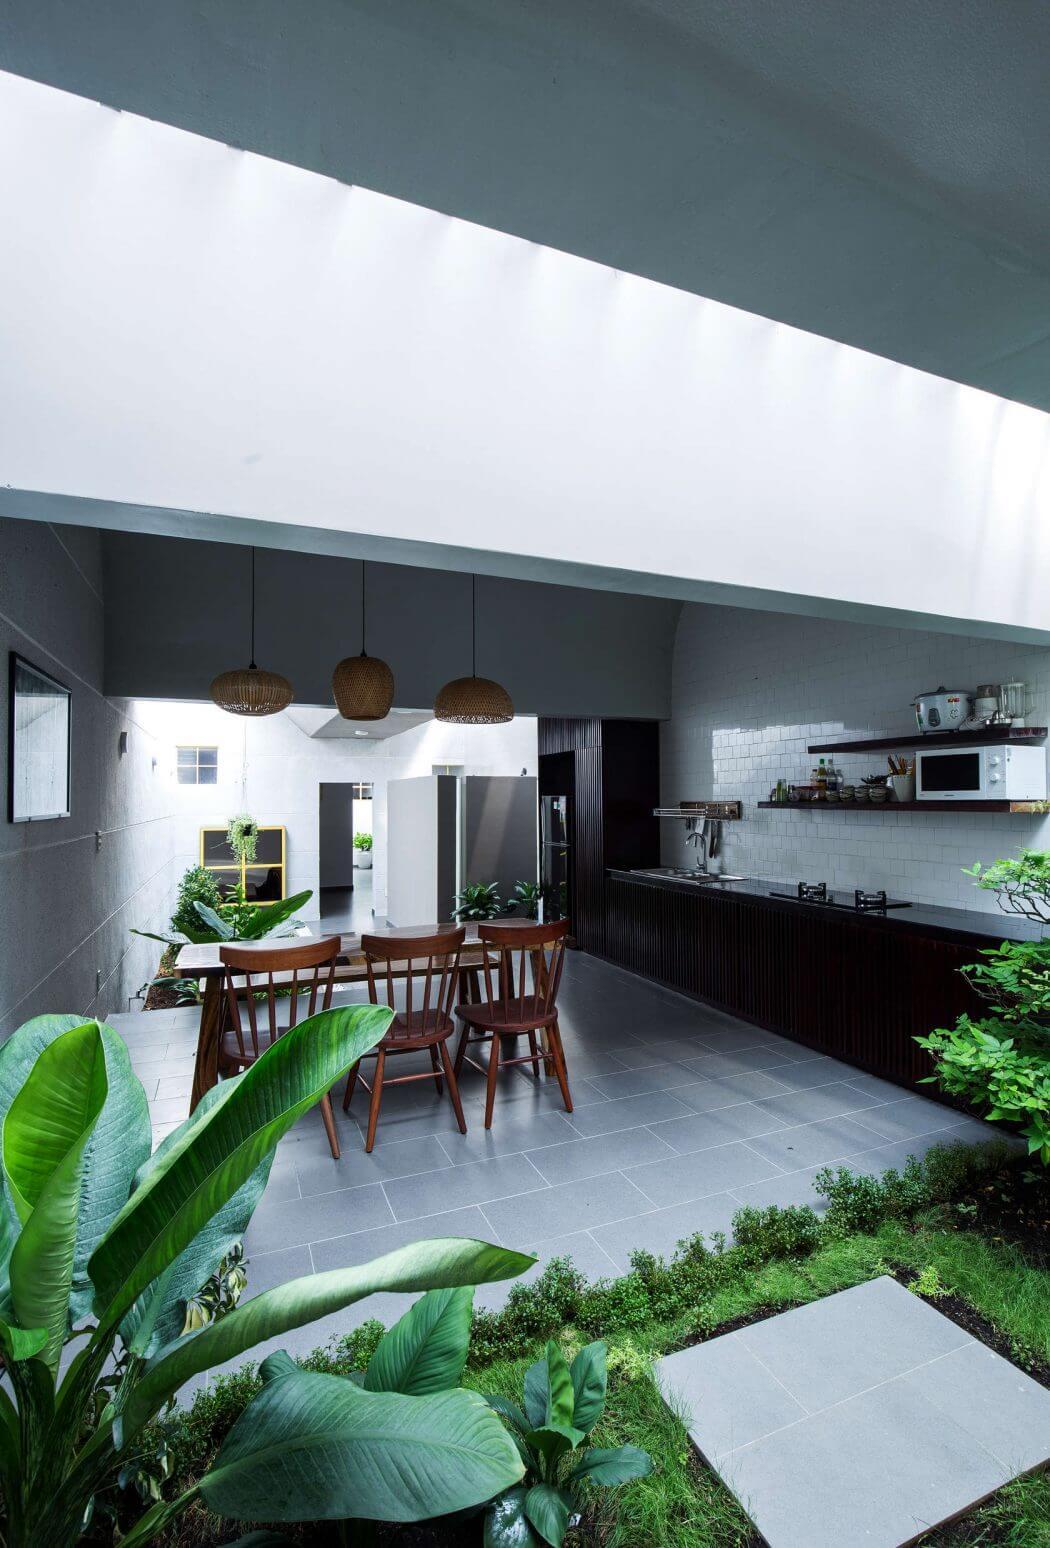 มุมมองส่วนเคาเตอร์ห้องครัว และโต๊ะรับประทานอาหาร